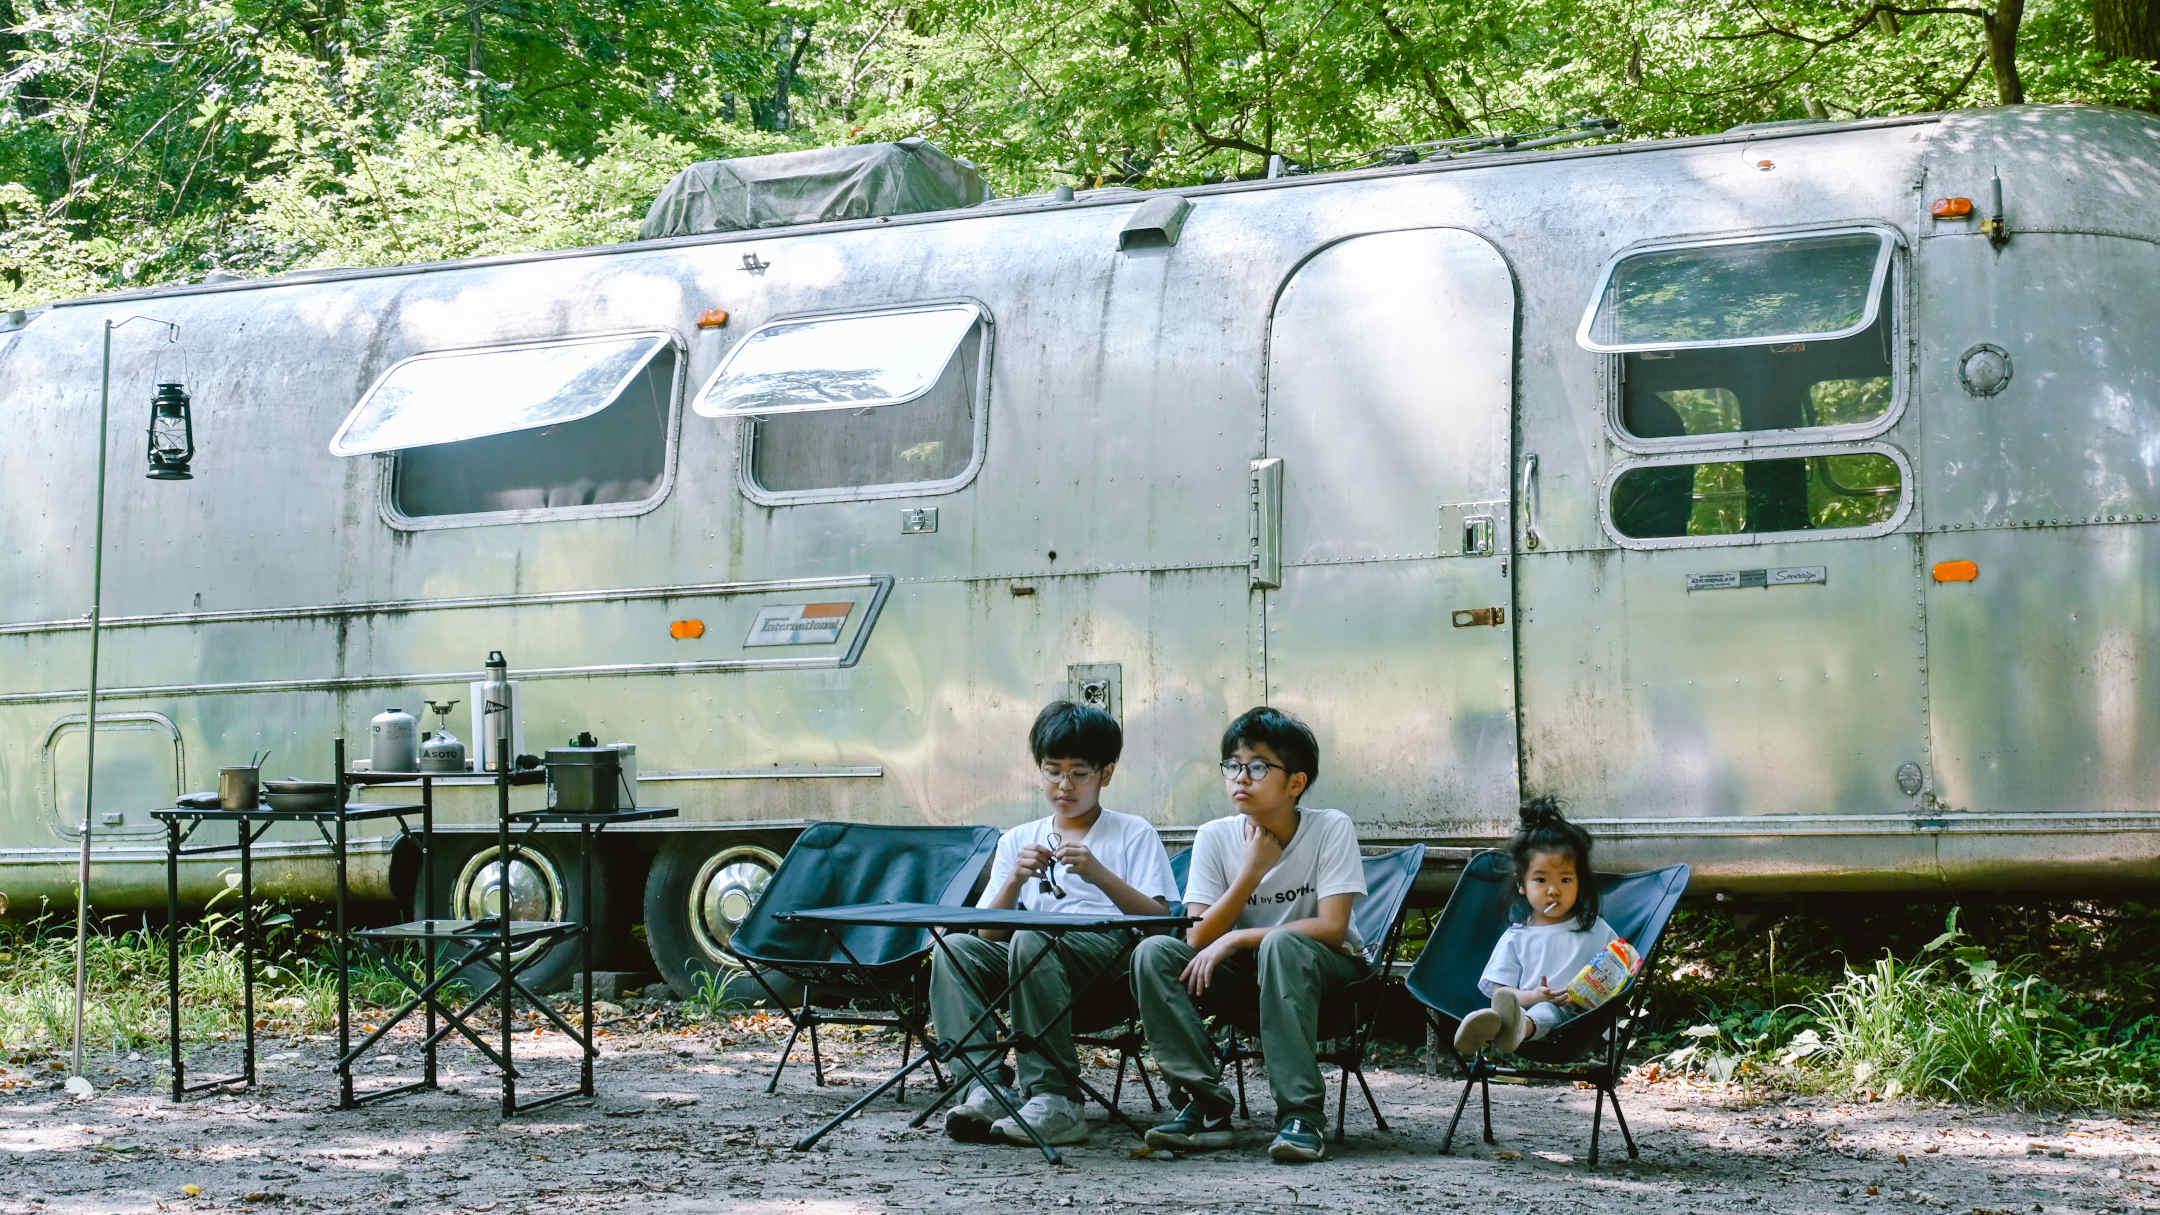 【グランピング】家族写真の残し方 –トレーラーハウスでグランピング体験